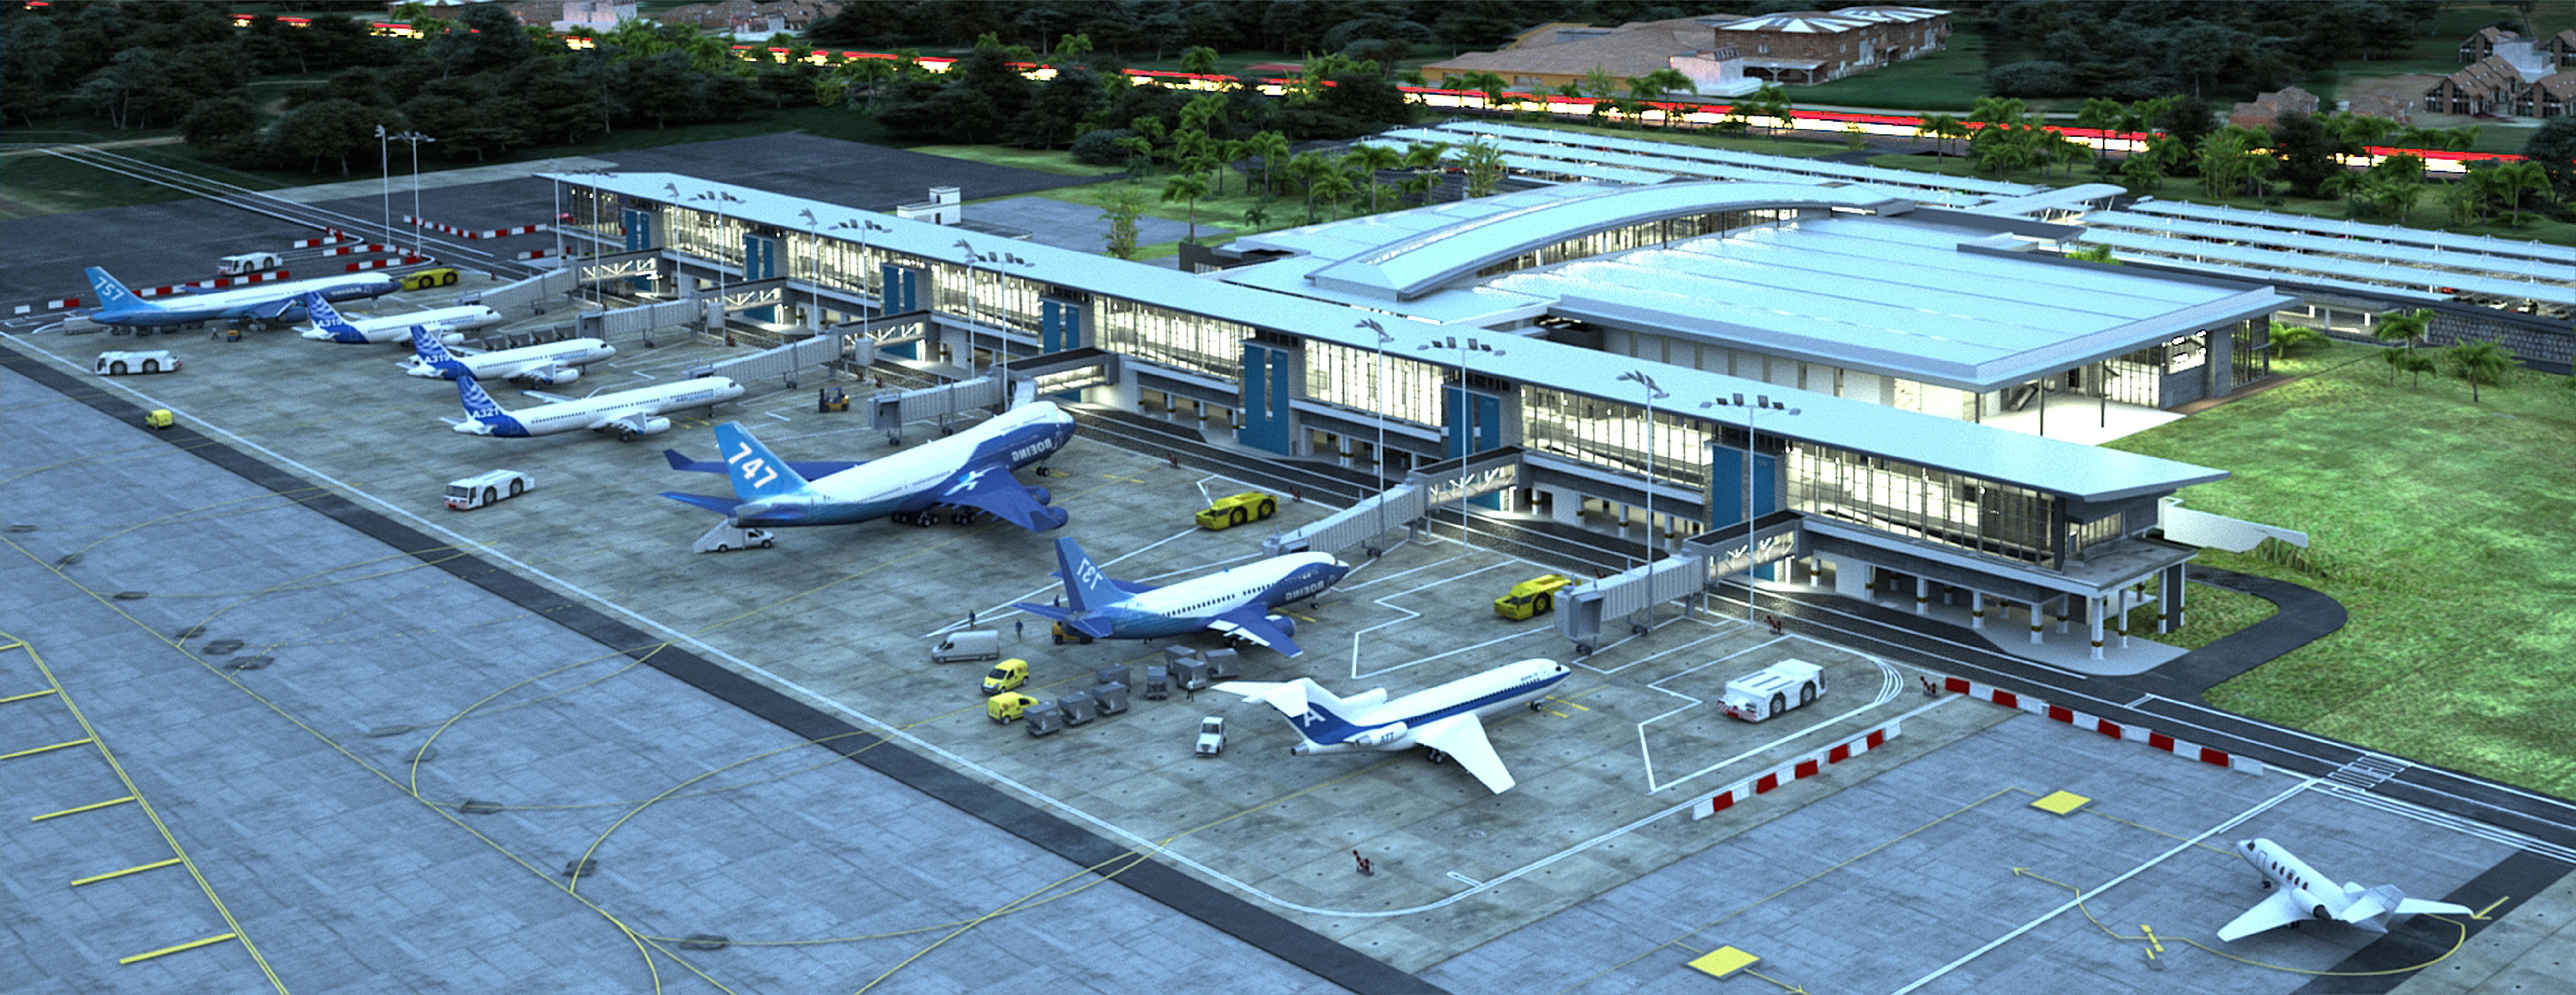 Aeropuerto-Tegucigalpa-Honduras-Palmerola-Toncontín-2